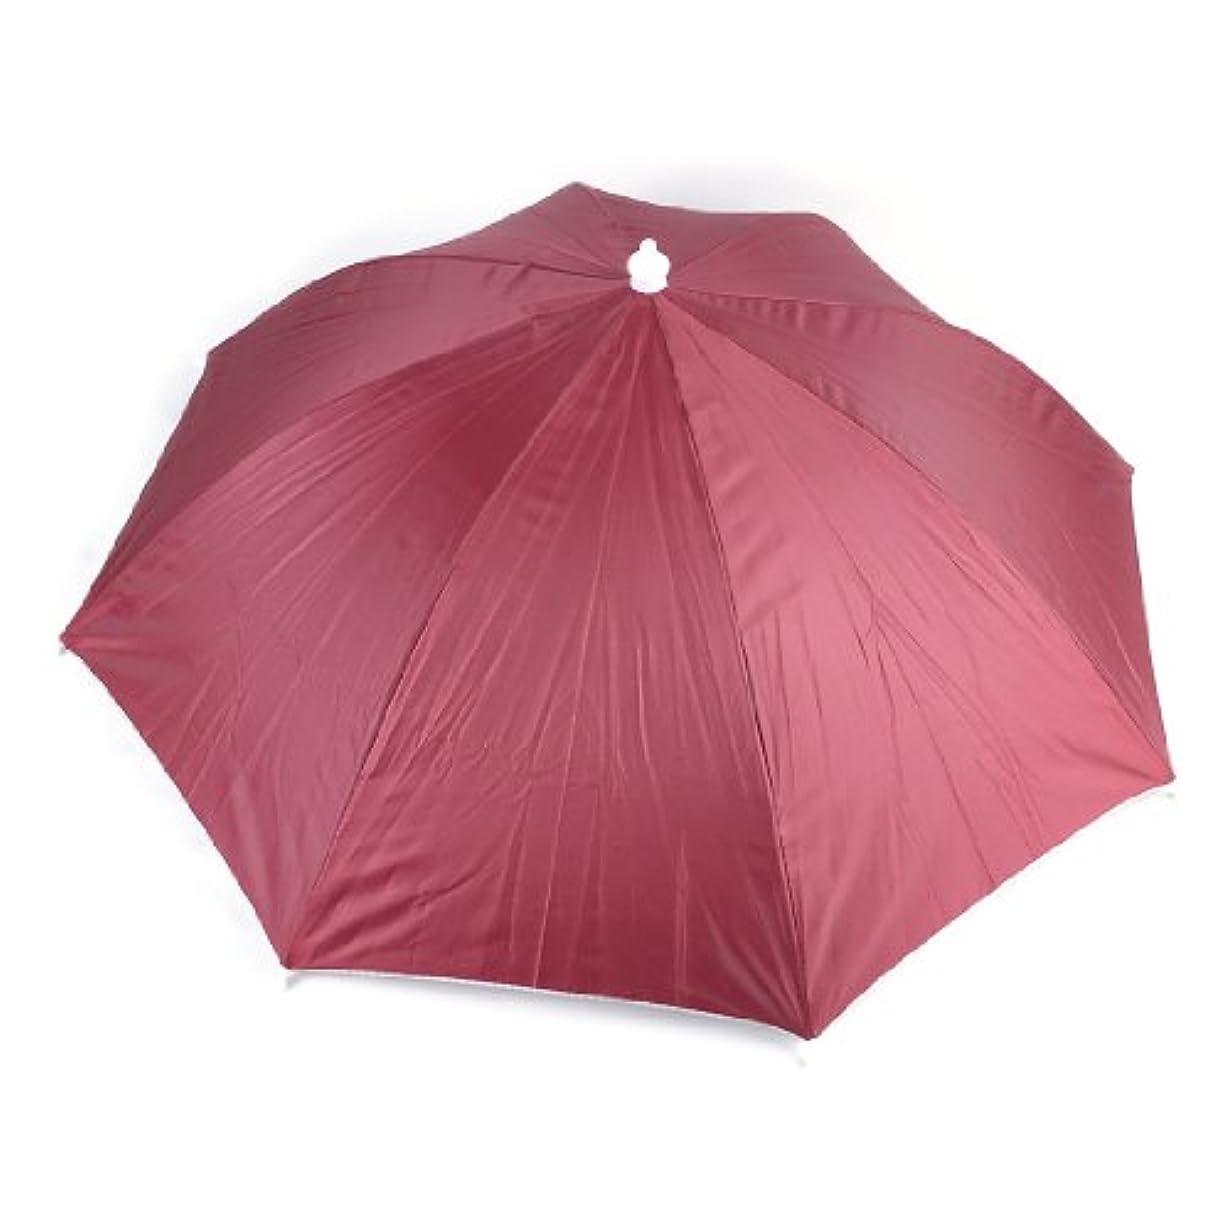 繰り返したアセンブリ確率uxcell 釣り傘 傘帽子 釣り用 ヘッドバンド ブラック 弾性的 赤紫色 ヘッドバンド 折り畳み ハットアンブレラと紐 釣り用